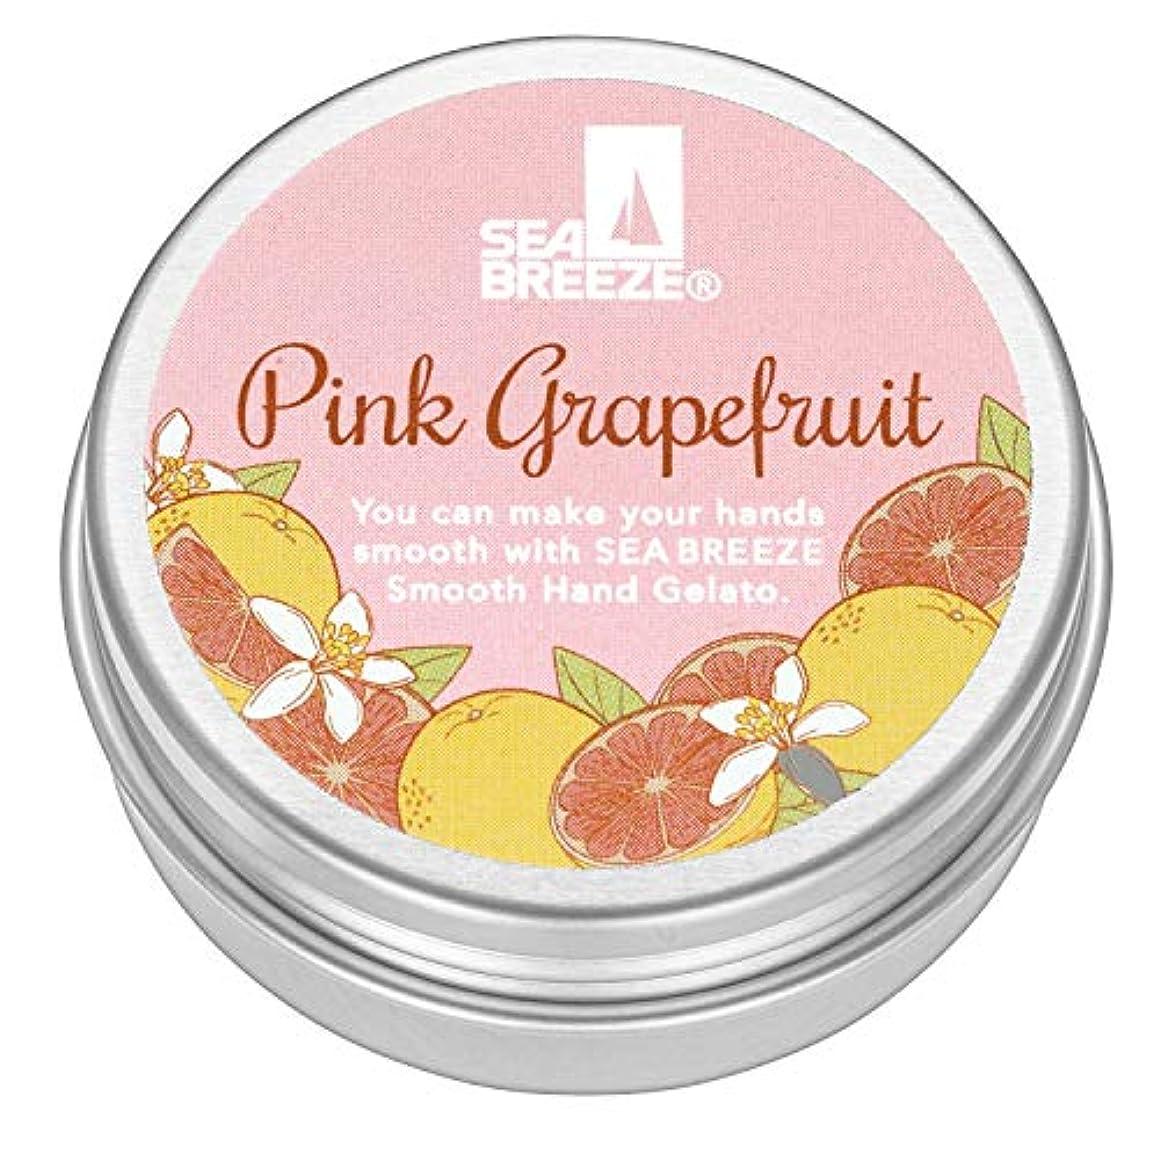 賛美歌美的アンカーシーブリーズ スムースハンドジェラート ピンクグレープフルーツ 18g